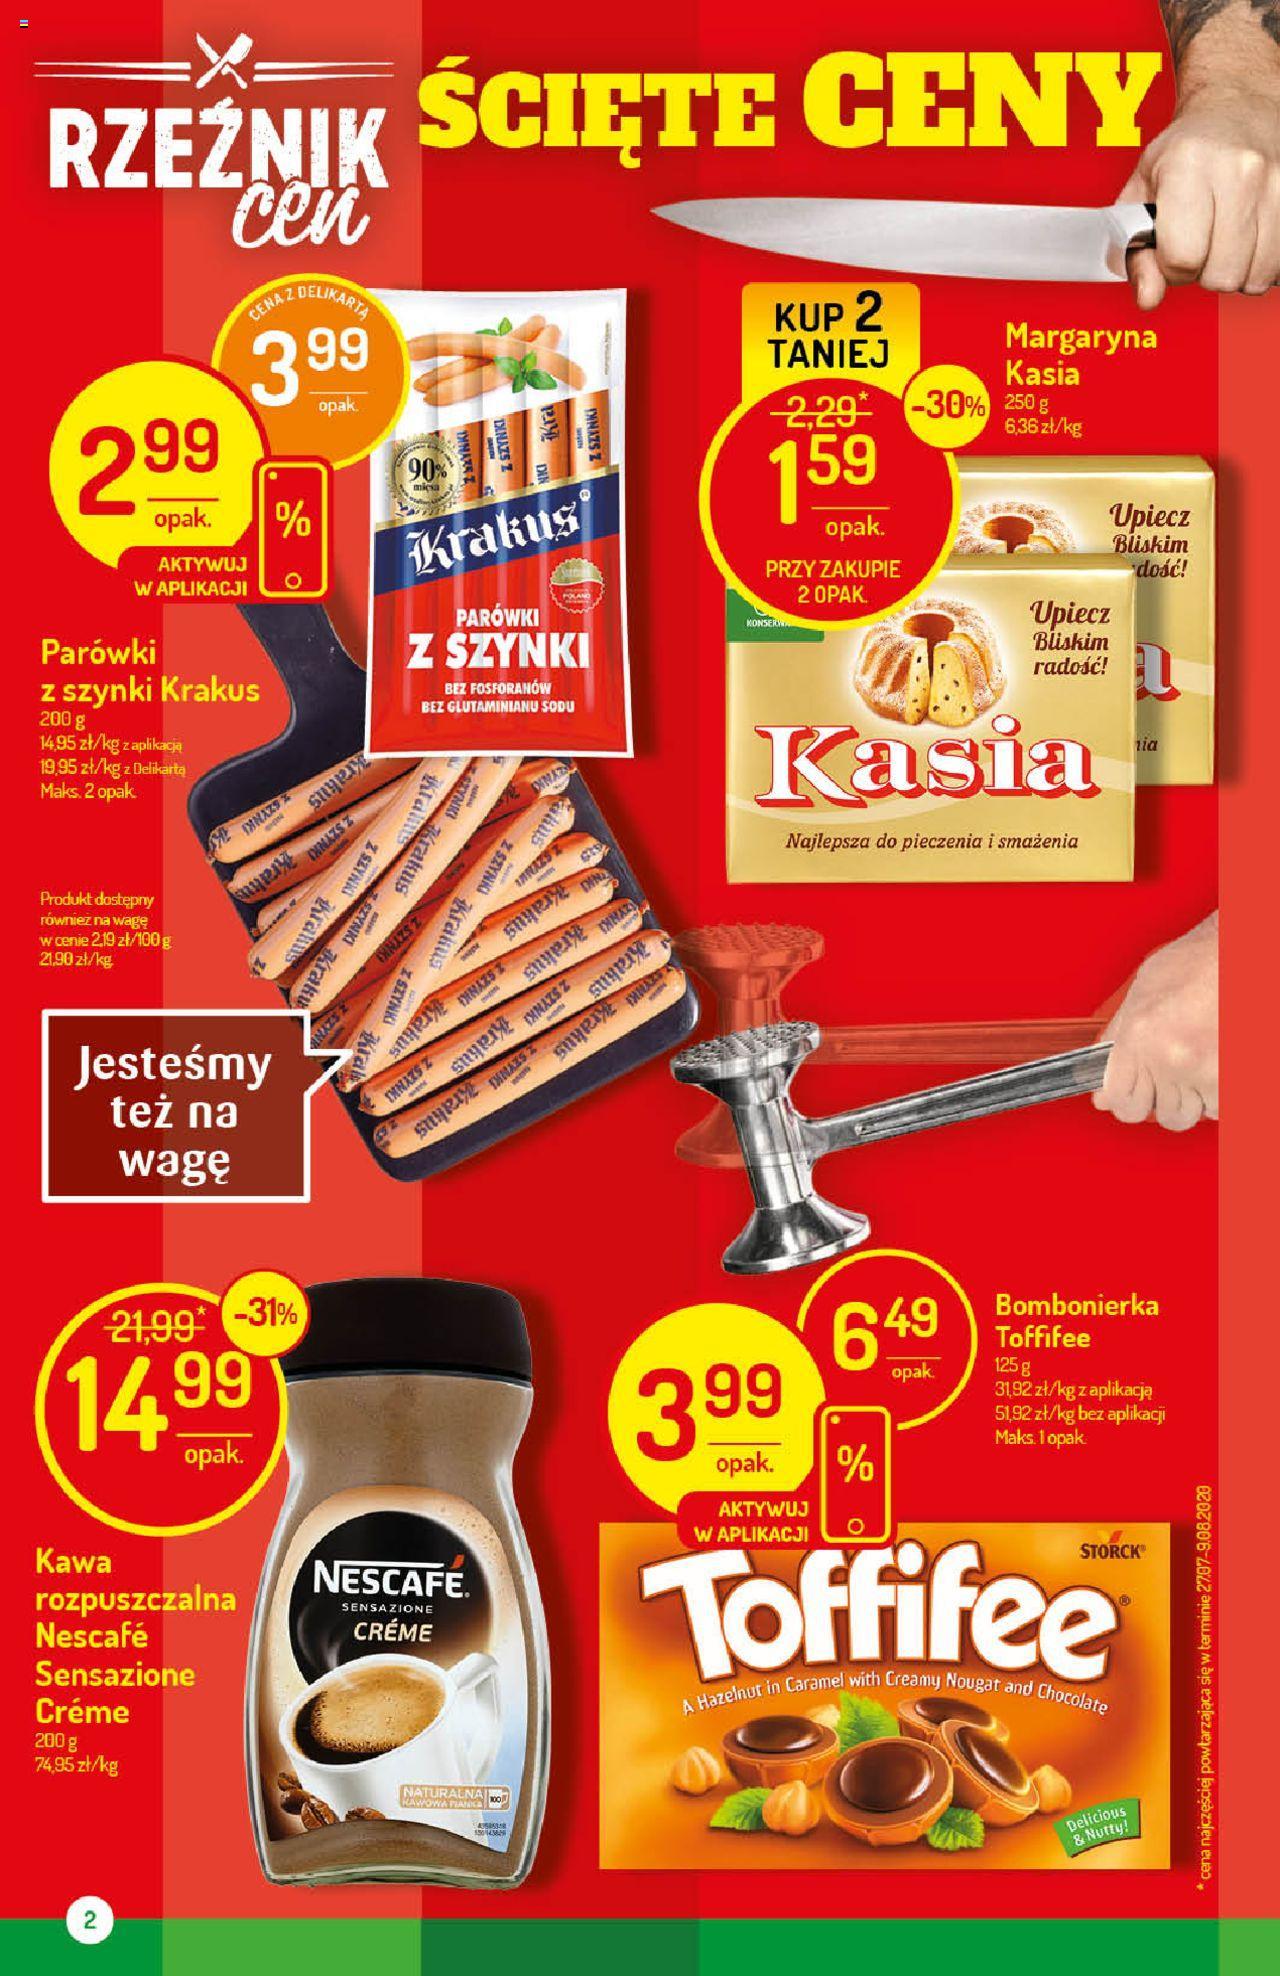 Parówki Krakus 90% mięsa z szynki